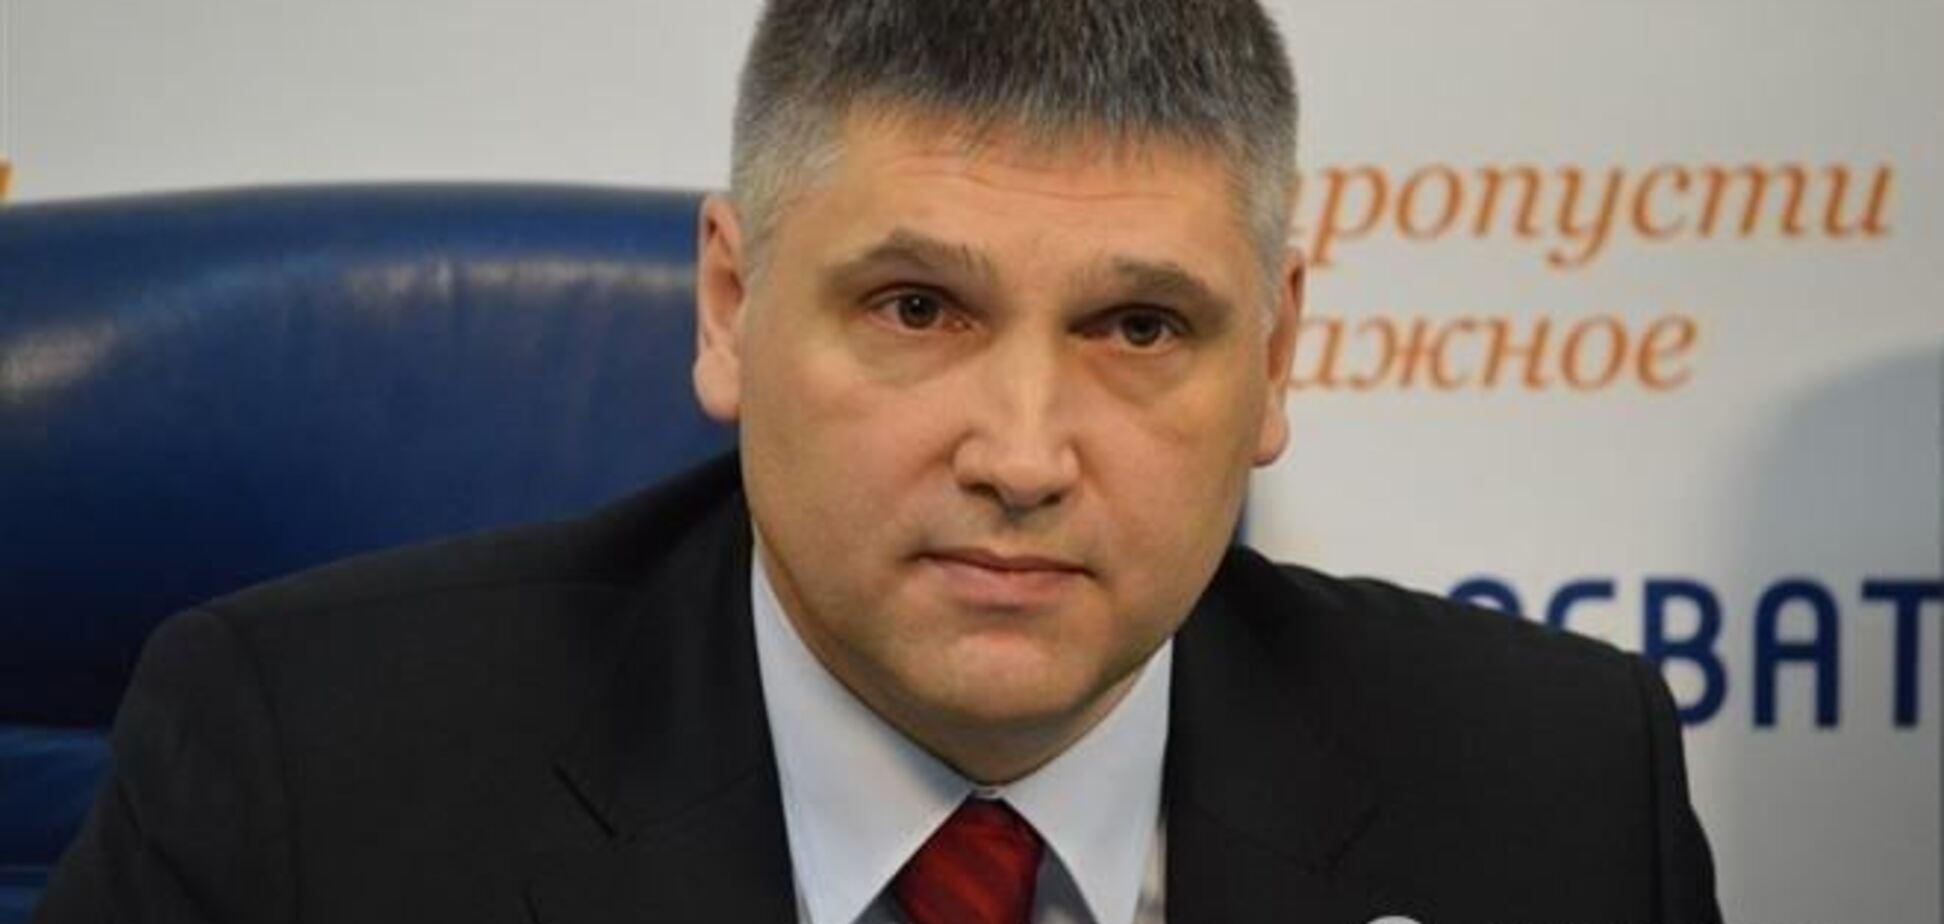 Мирошниченко предлагал регионалам войти в коалицию, но его не послушались